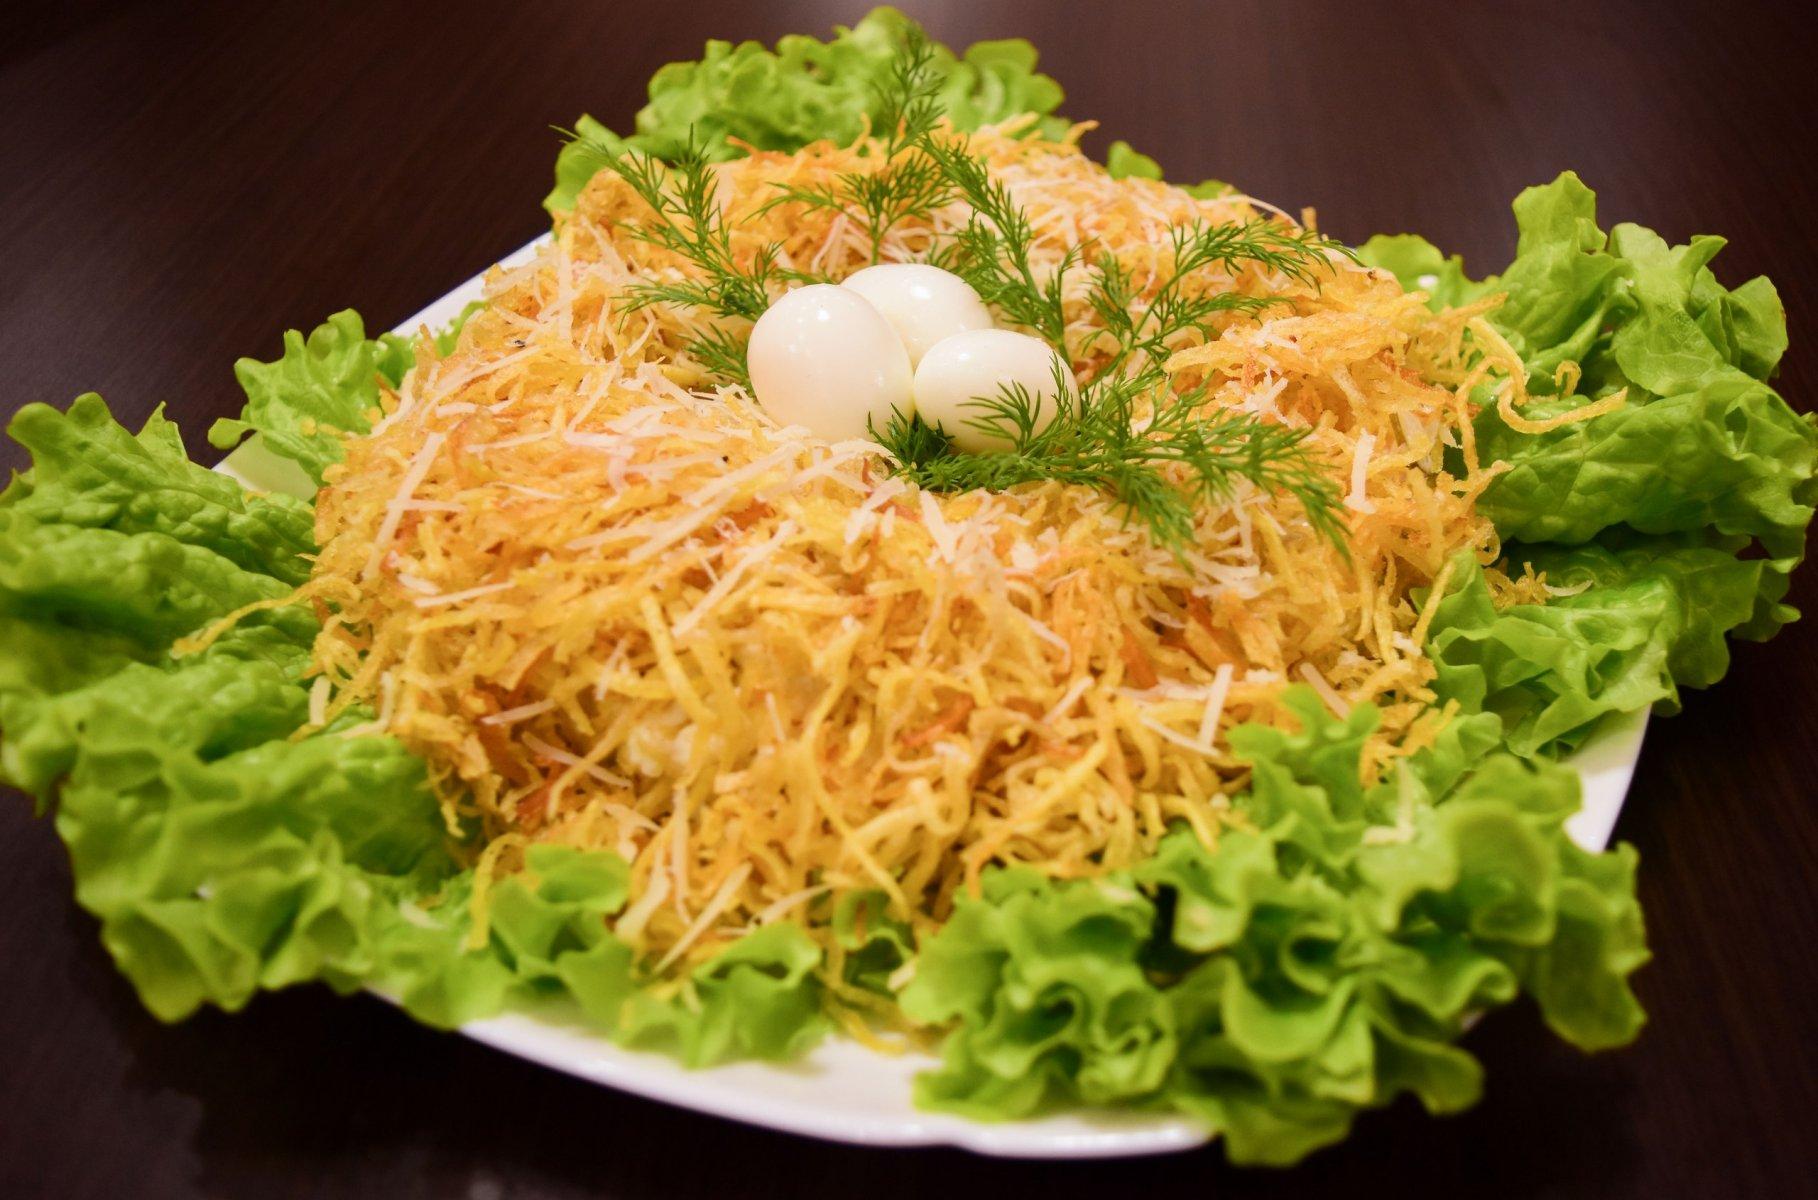 янковский салат орлиное гнездо рецепт с фото выпуска альма-матер